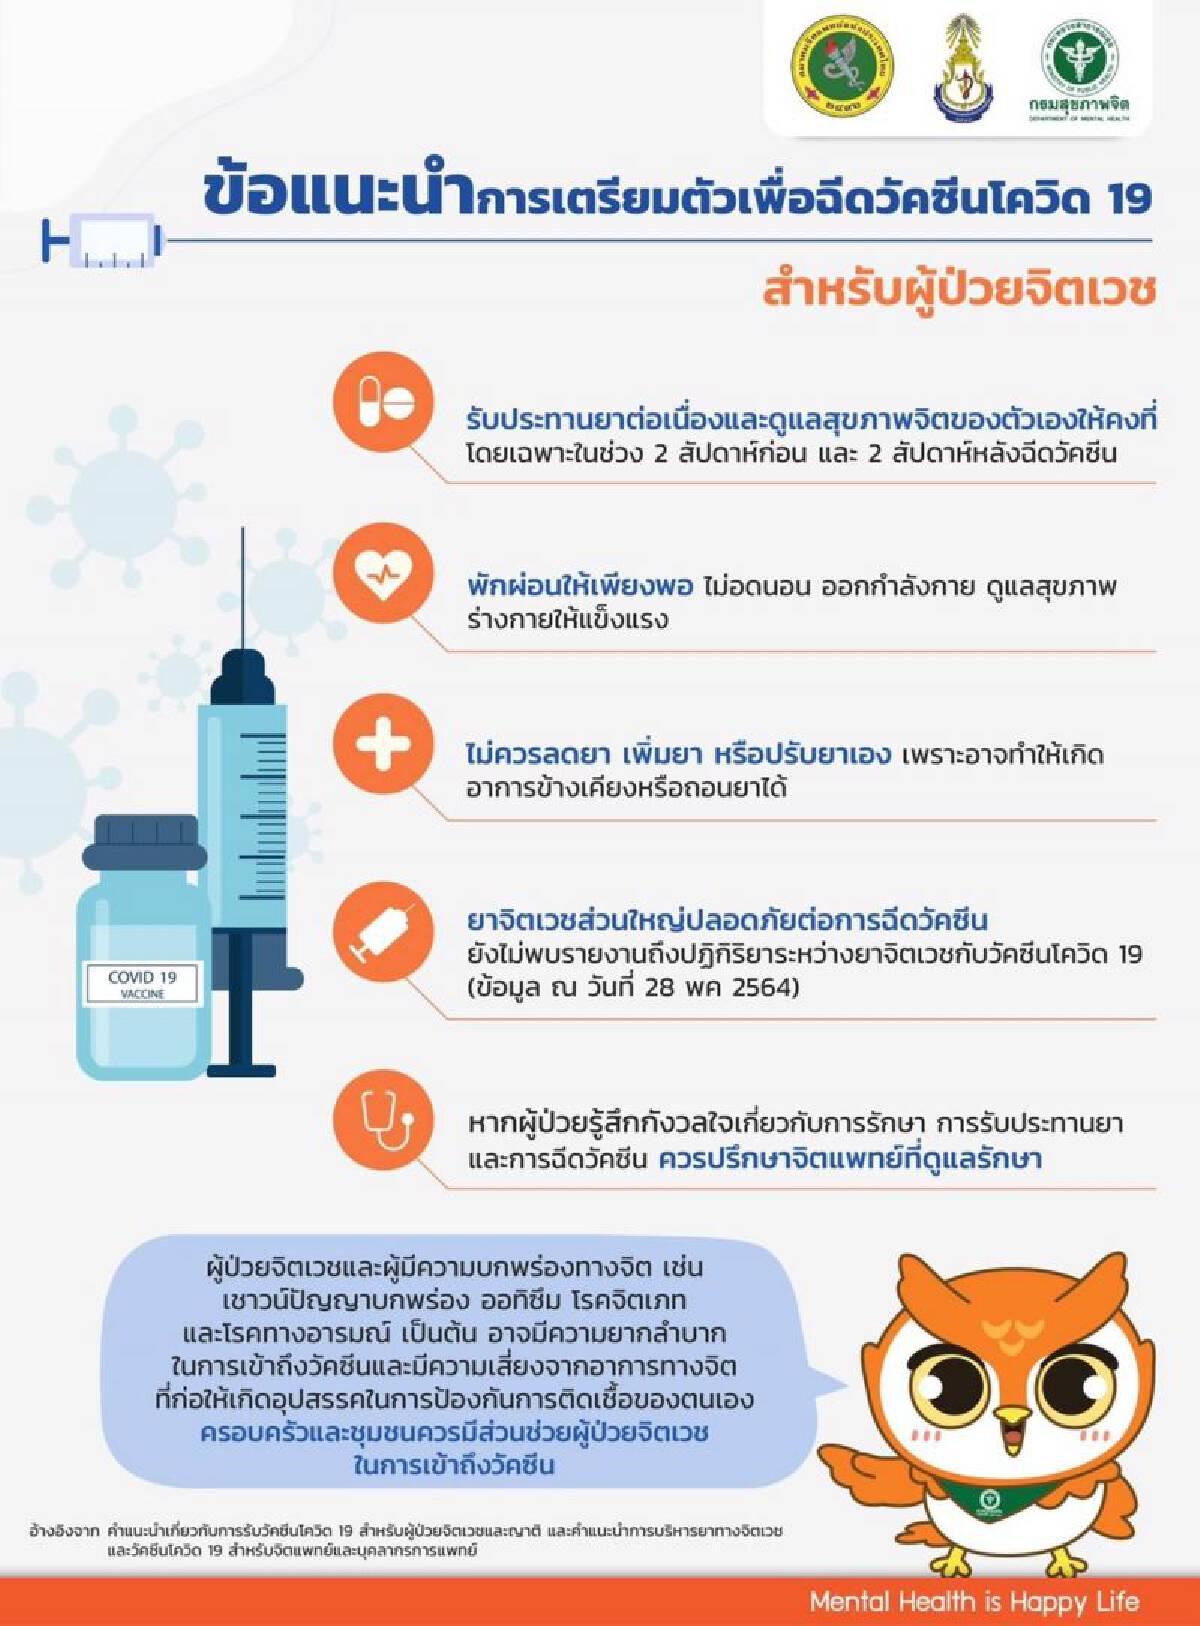 ข้อแนะนำฉีดวัคซีน  สำหรับผู้ป่วยจิตเวช